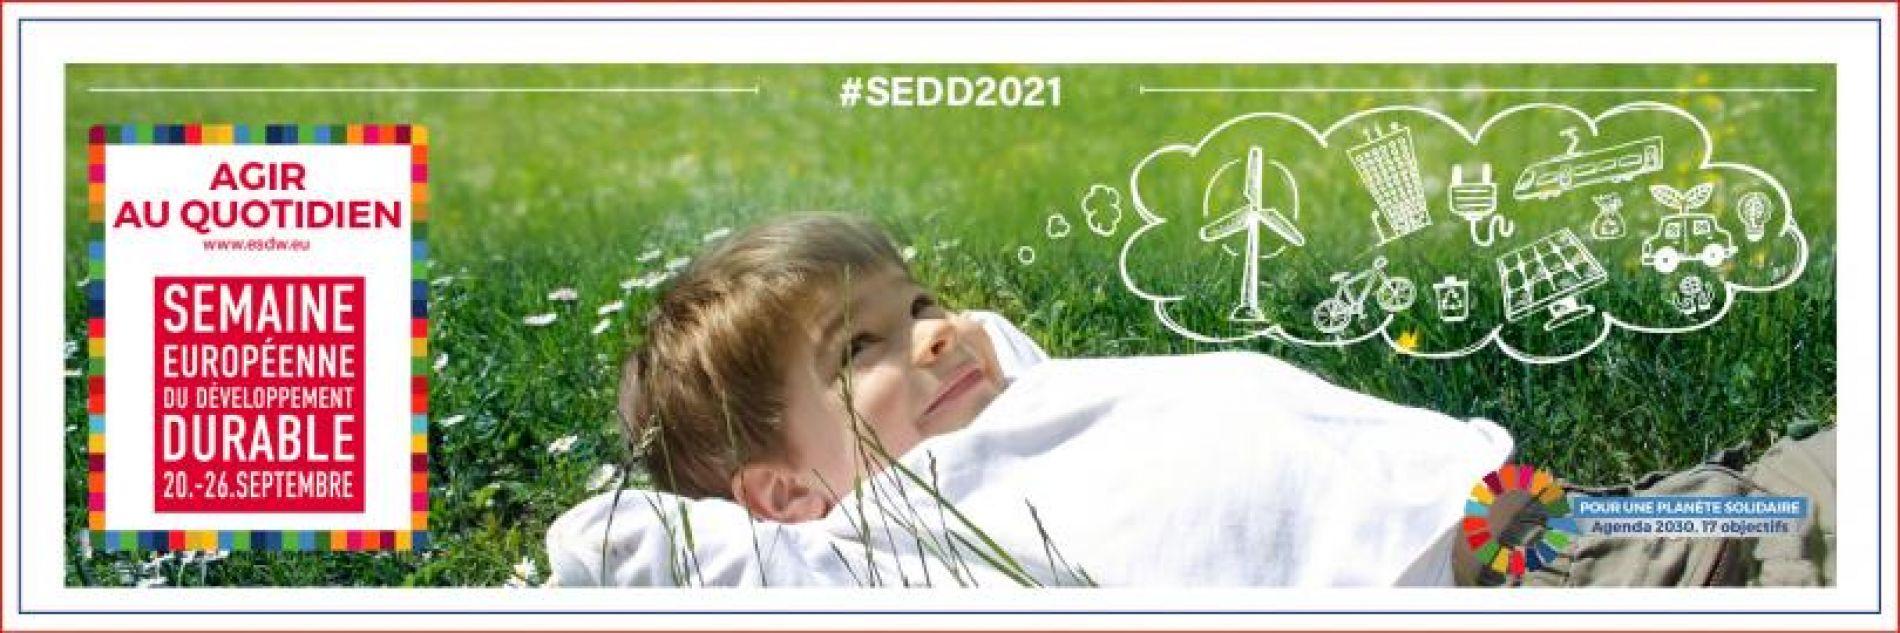 Semaine Européenne du Développement Durable 2021